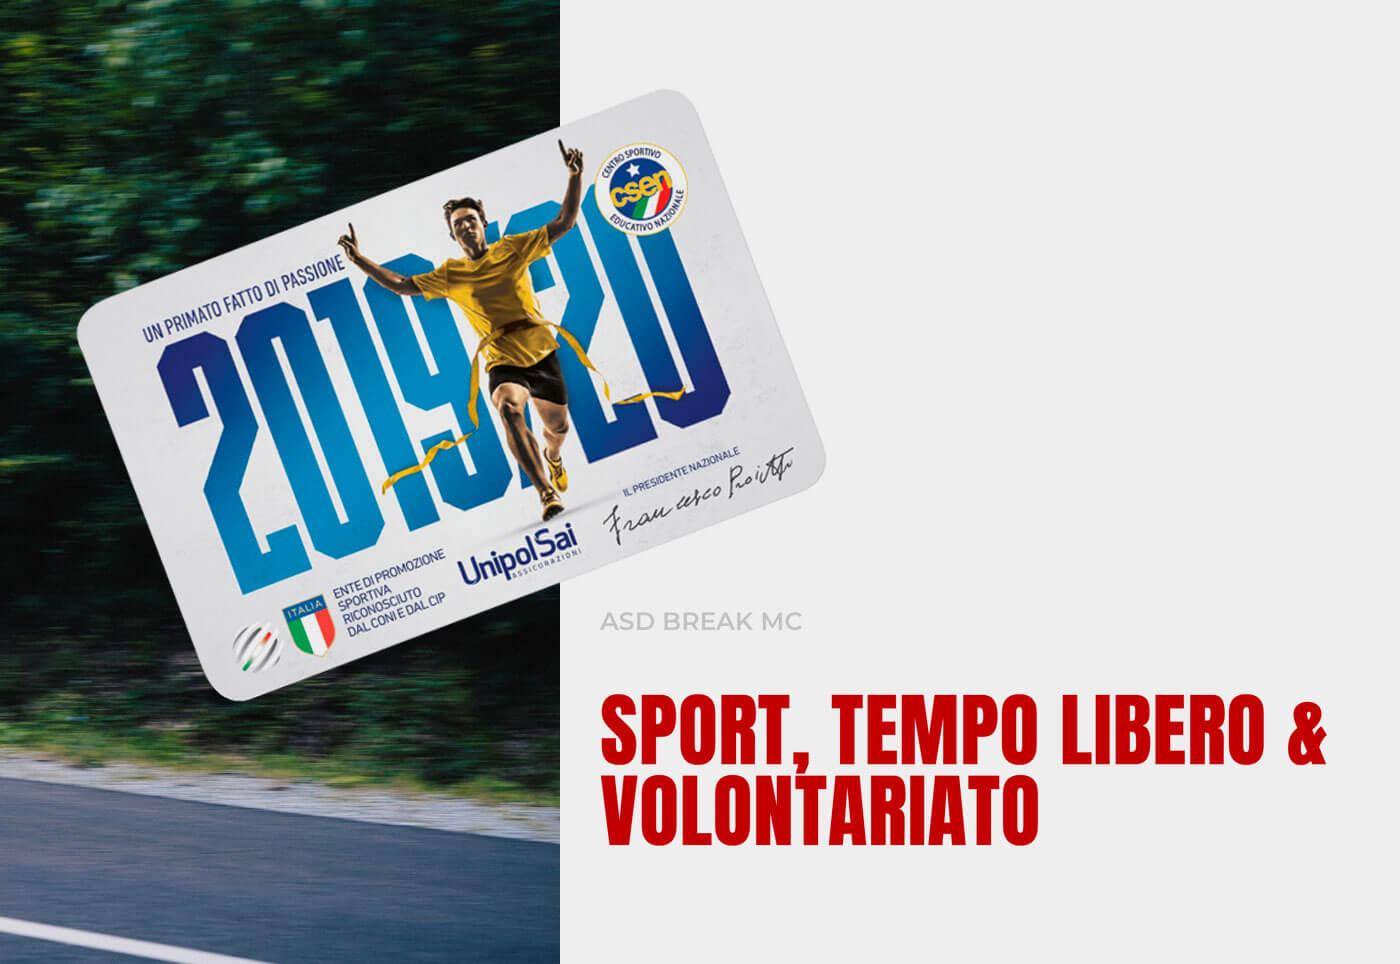 Sito web per Associazione Sportiva Break MC a Montichiari Brescia